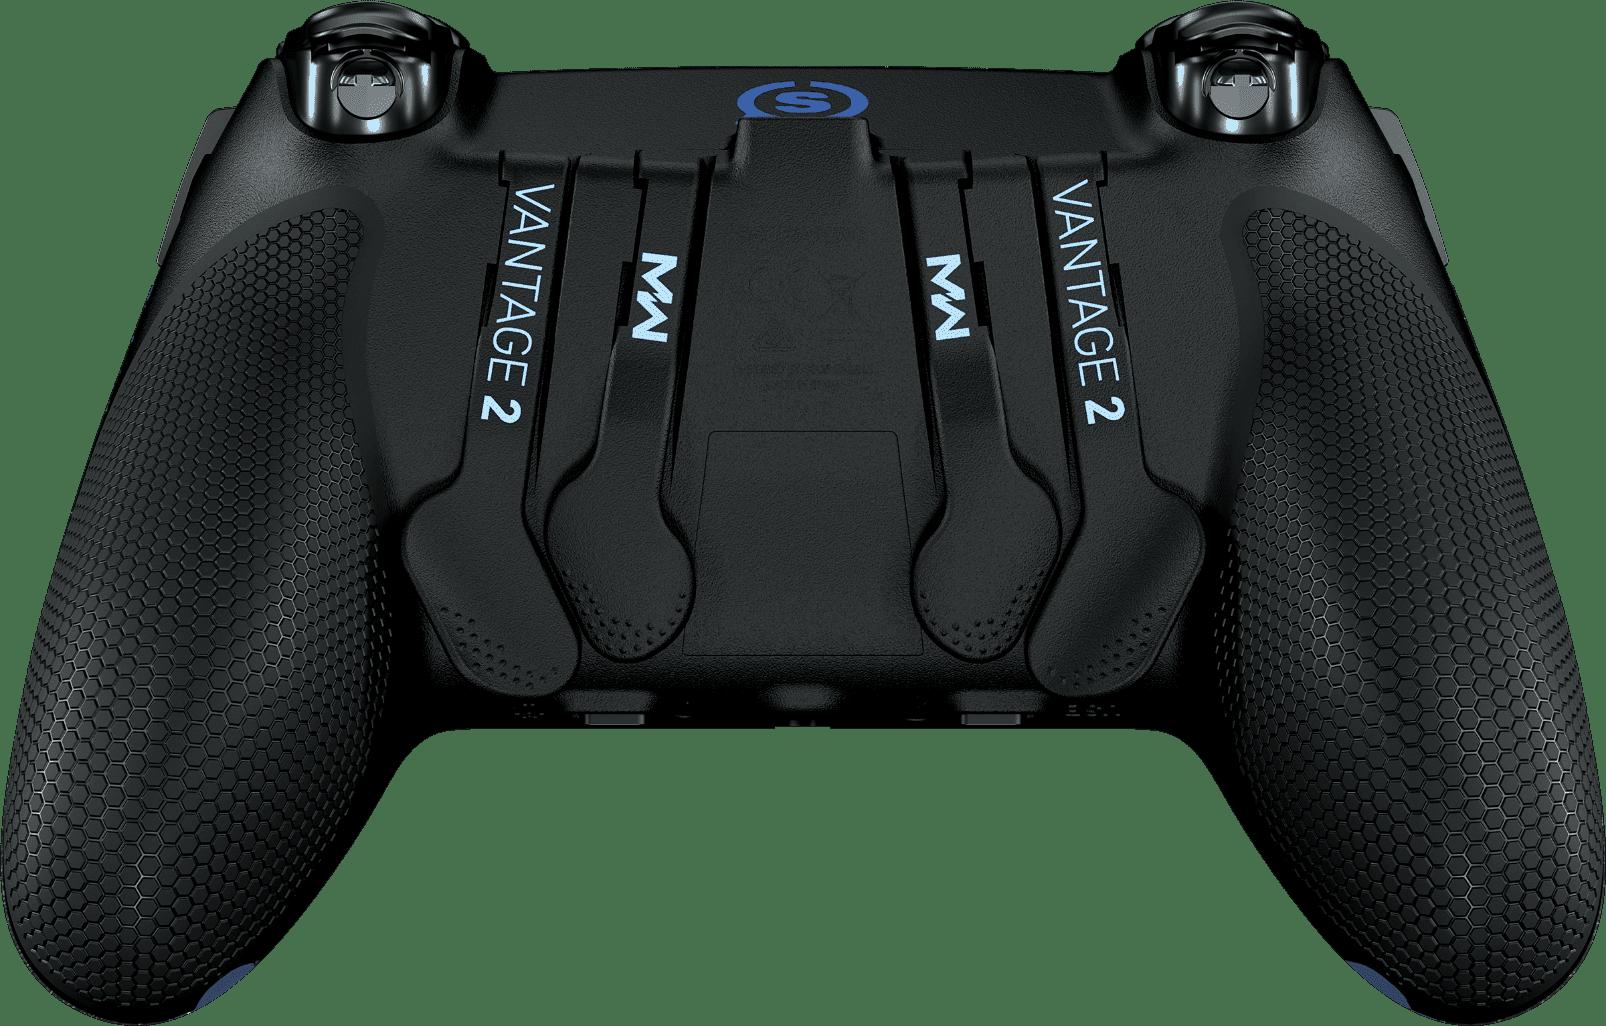 modernwarfare-3-controller-back-v2.png (1606×1026)